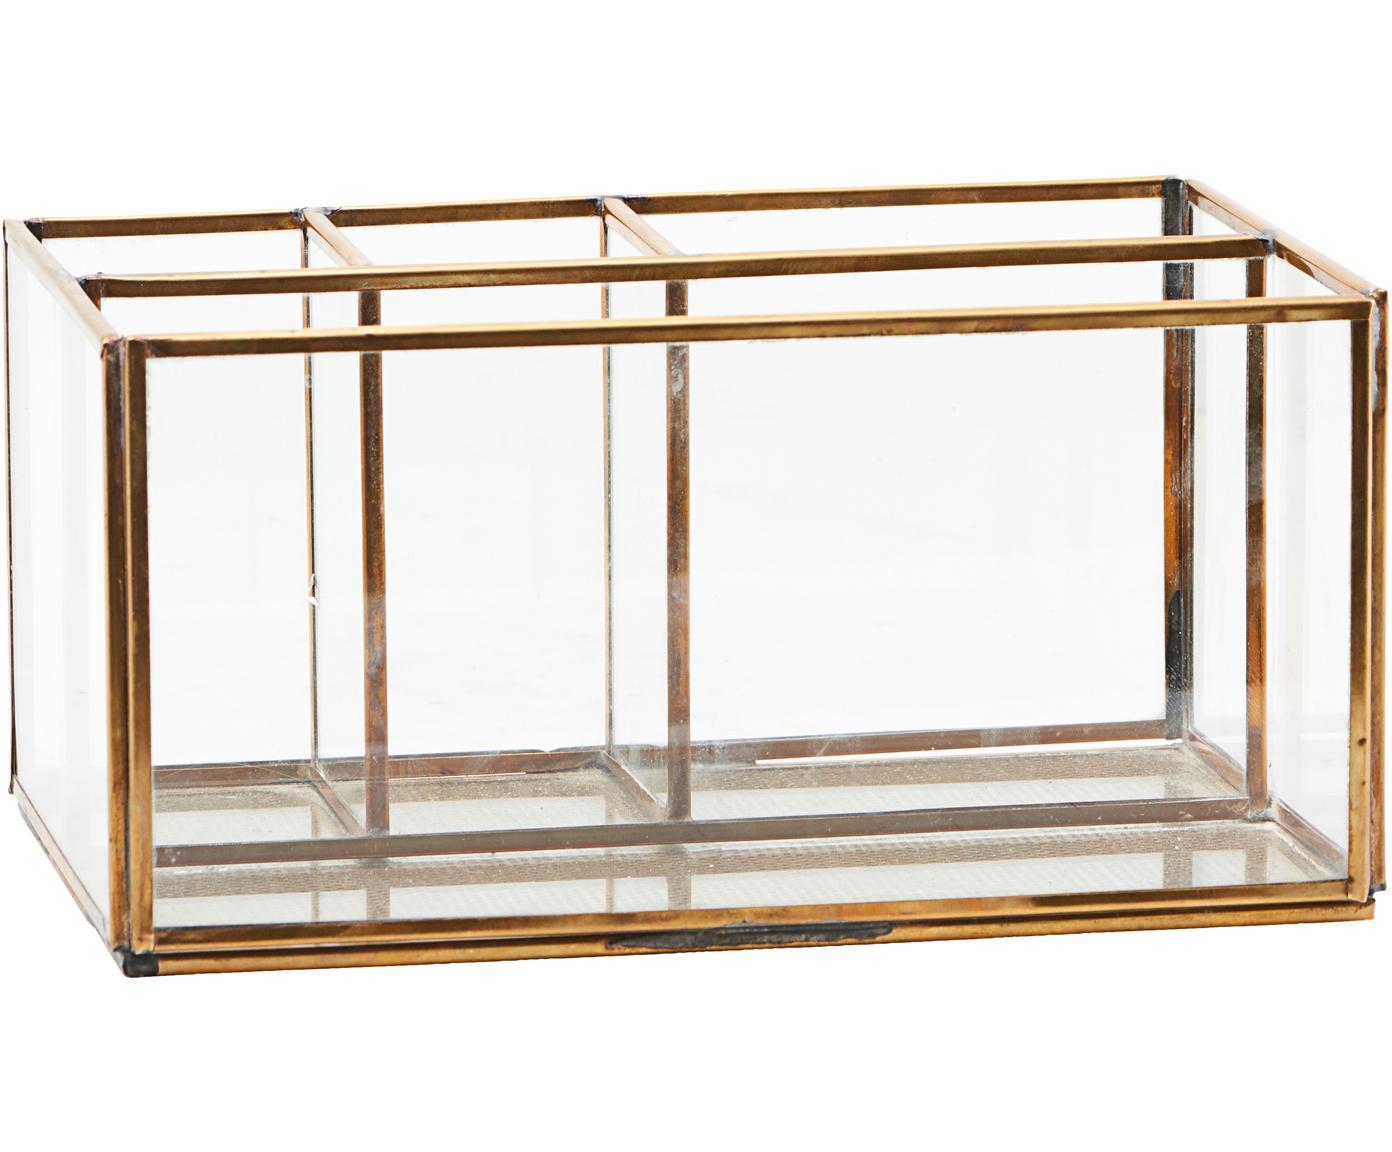 Organizzatore Sola, Ottone, vetro, Trasparente, ottone, Larg. 21 x Alt. 13 cm